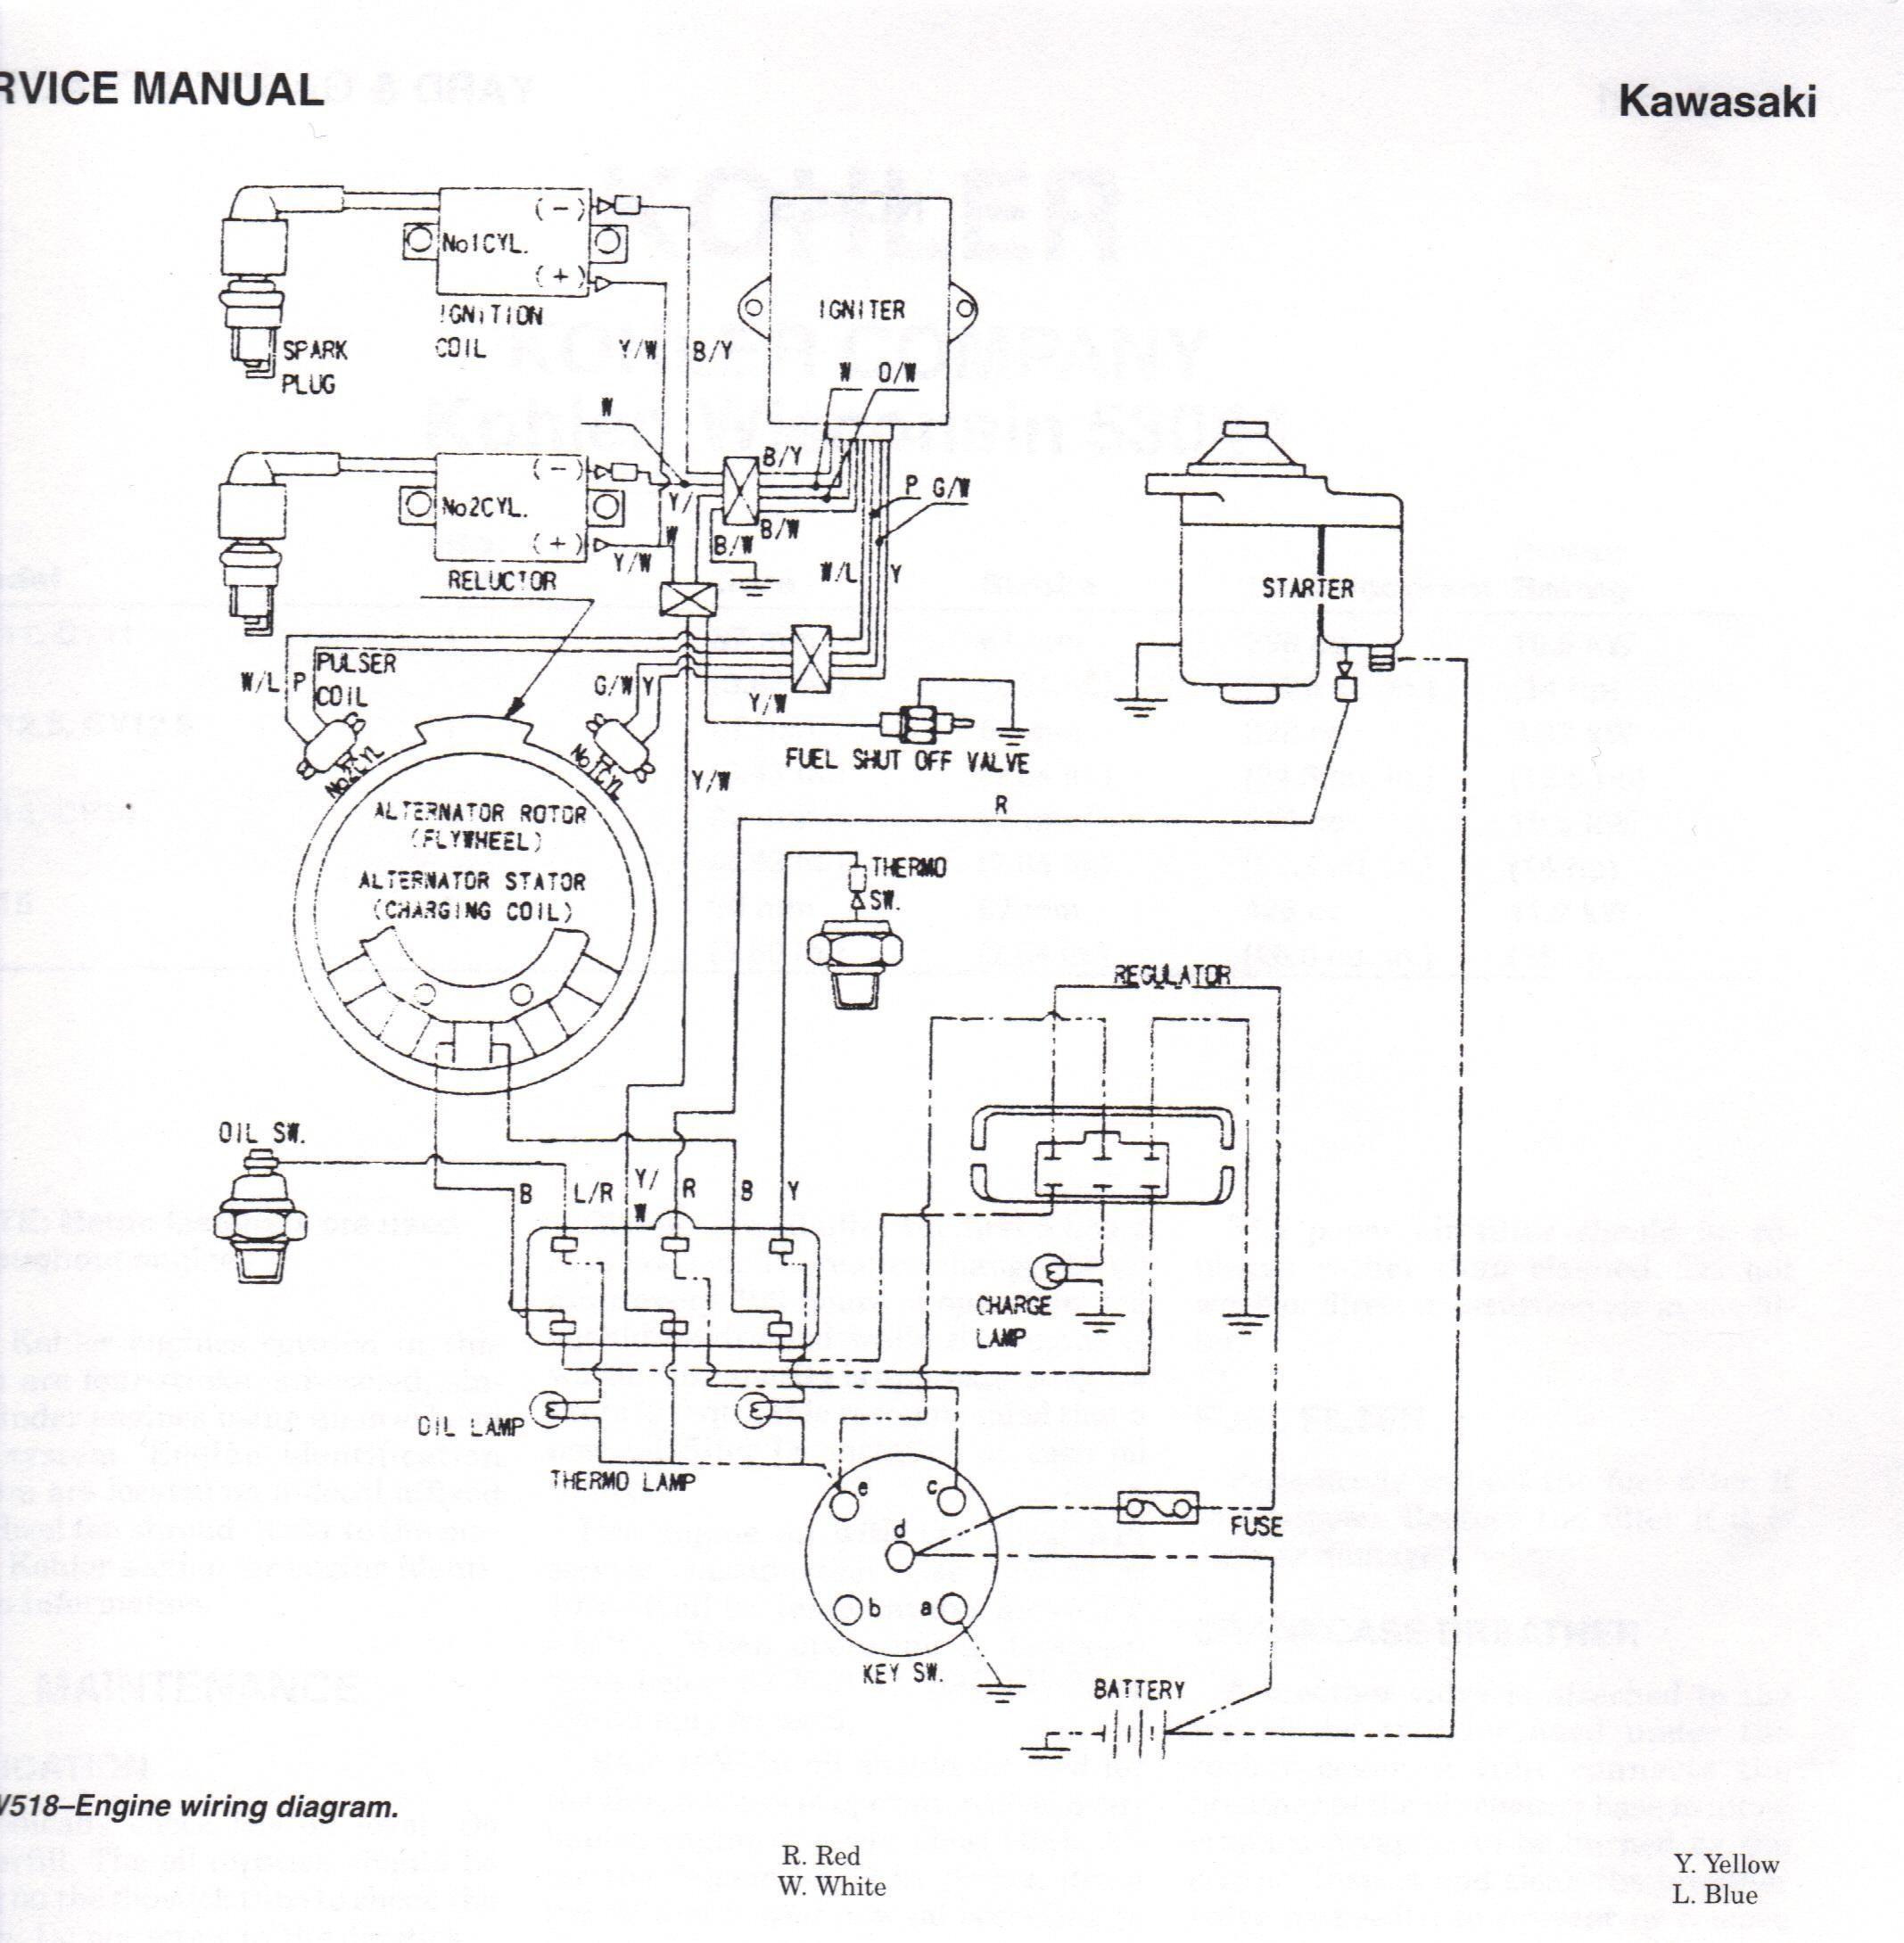 Pin on Wiring Diagram | X320 Wiring Diagram |  | Pinterest